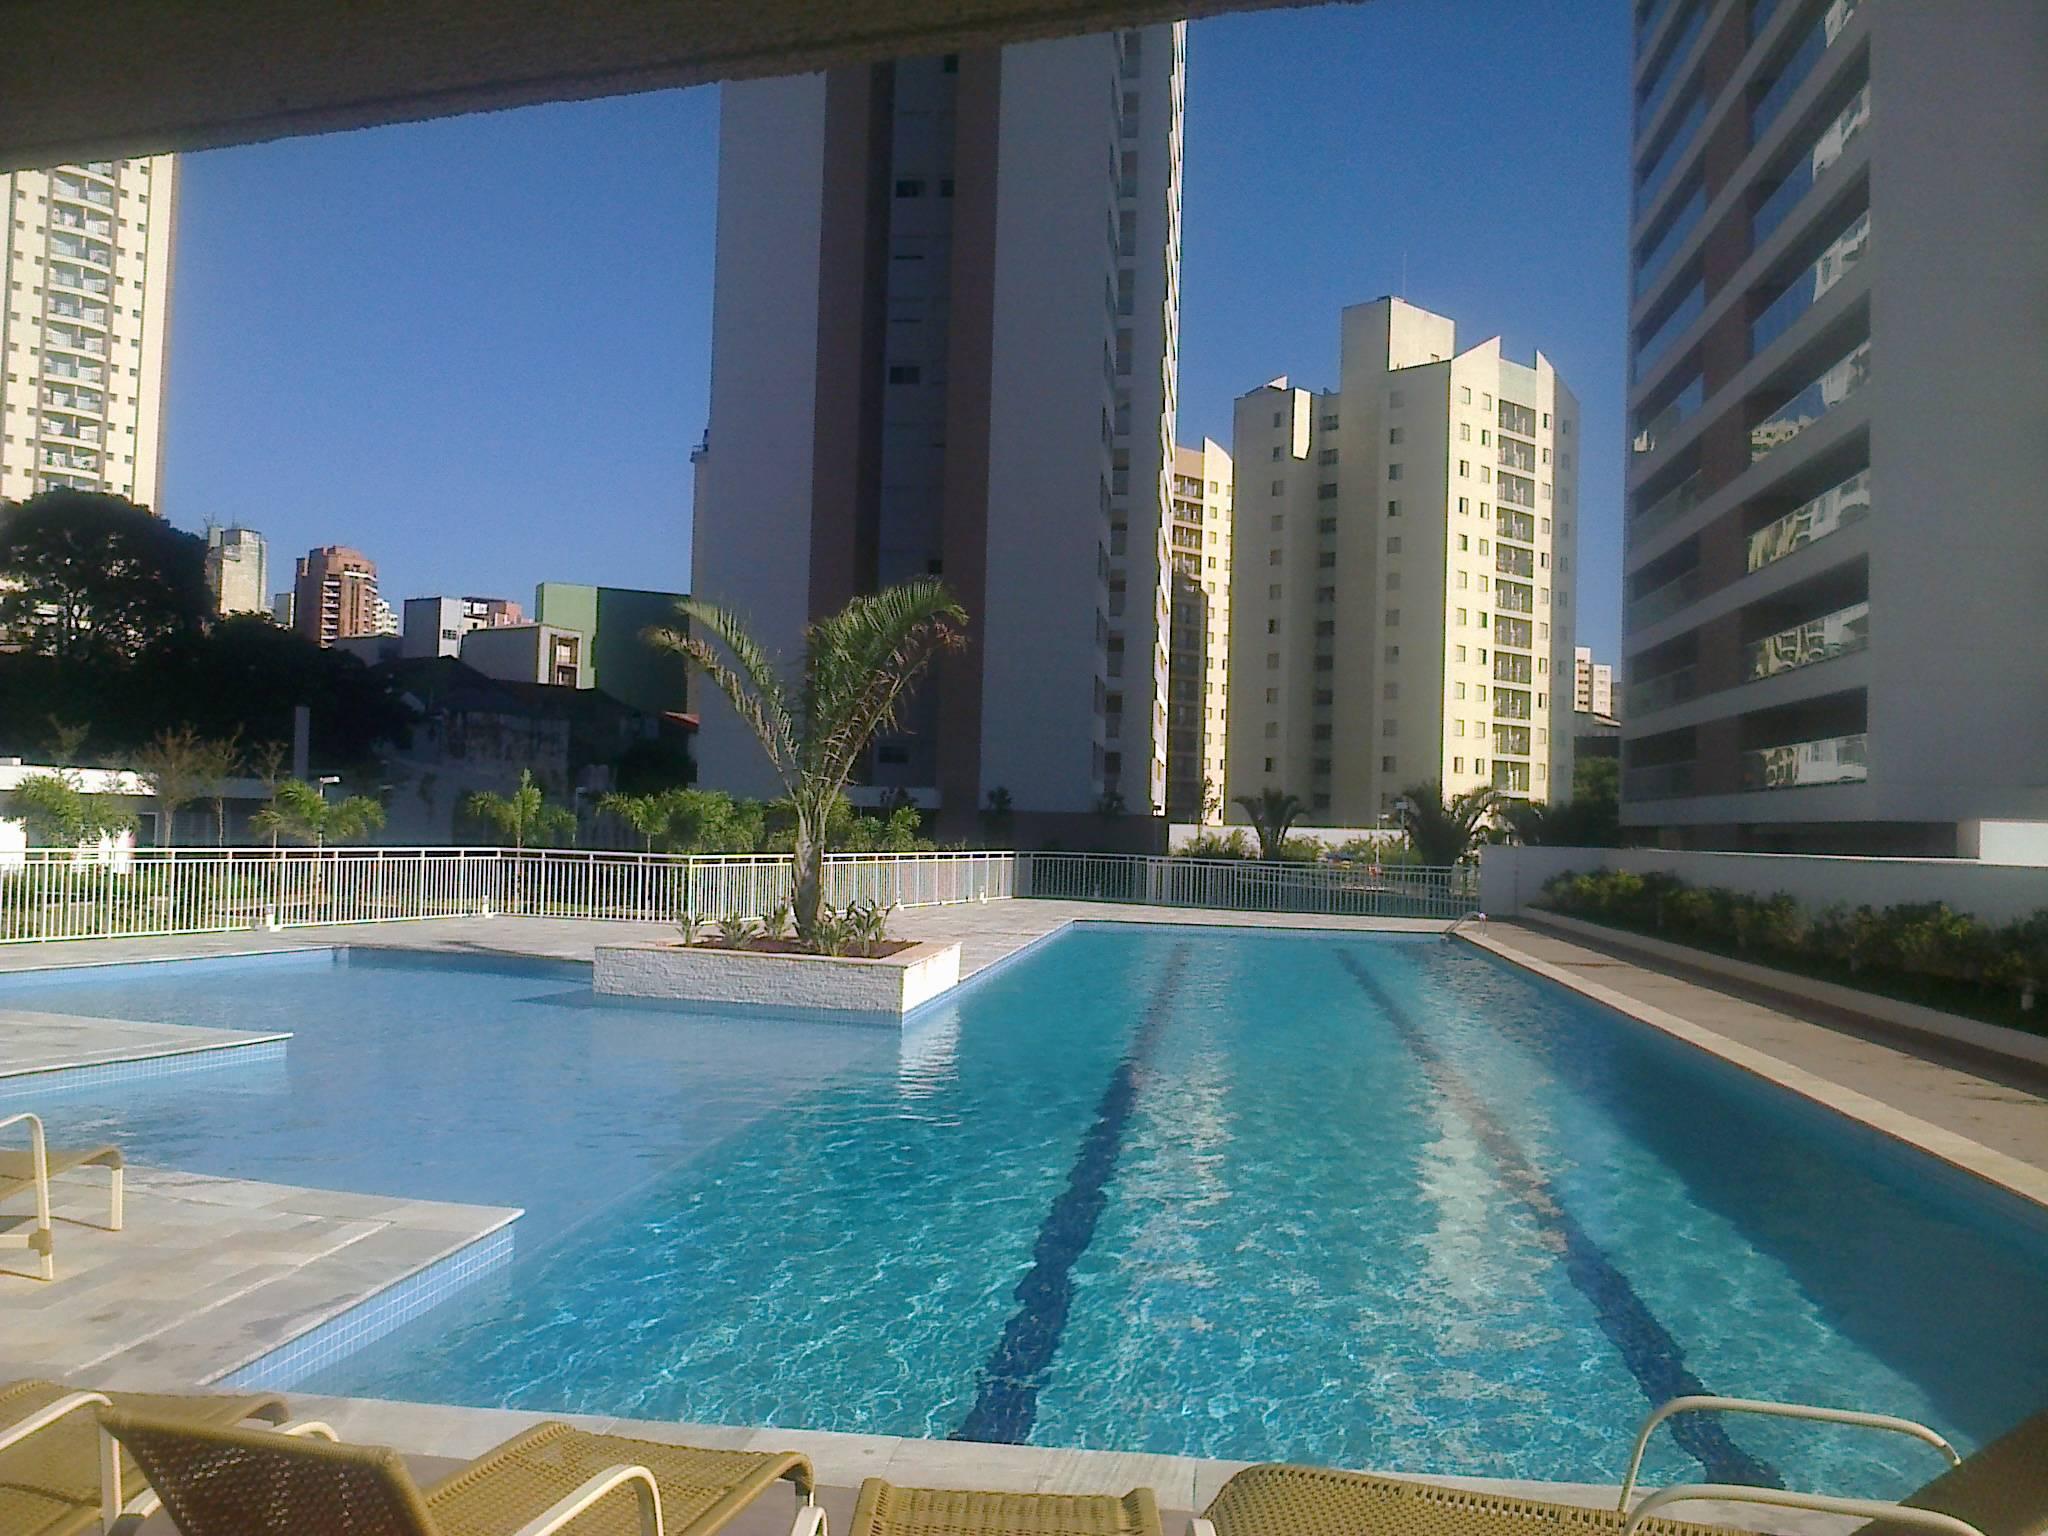 Limpeza filtro piscina qualy tratus piscinas for Empresas de piscinas